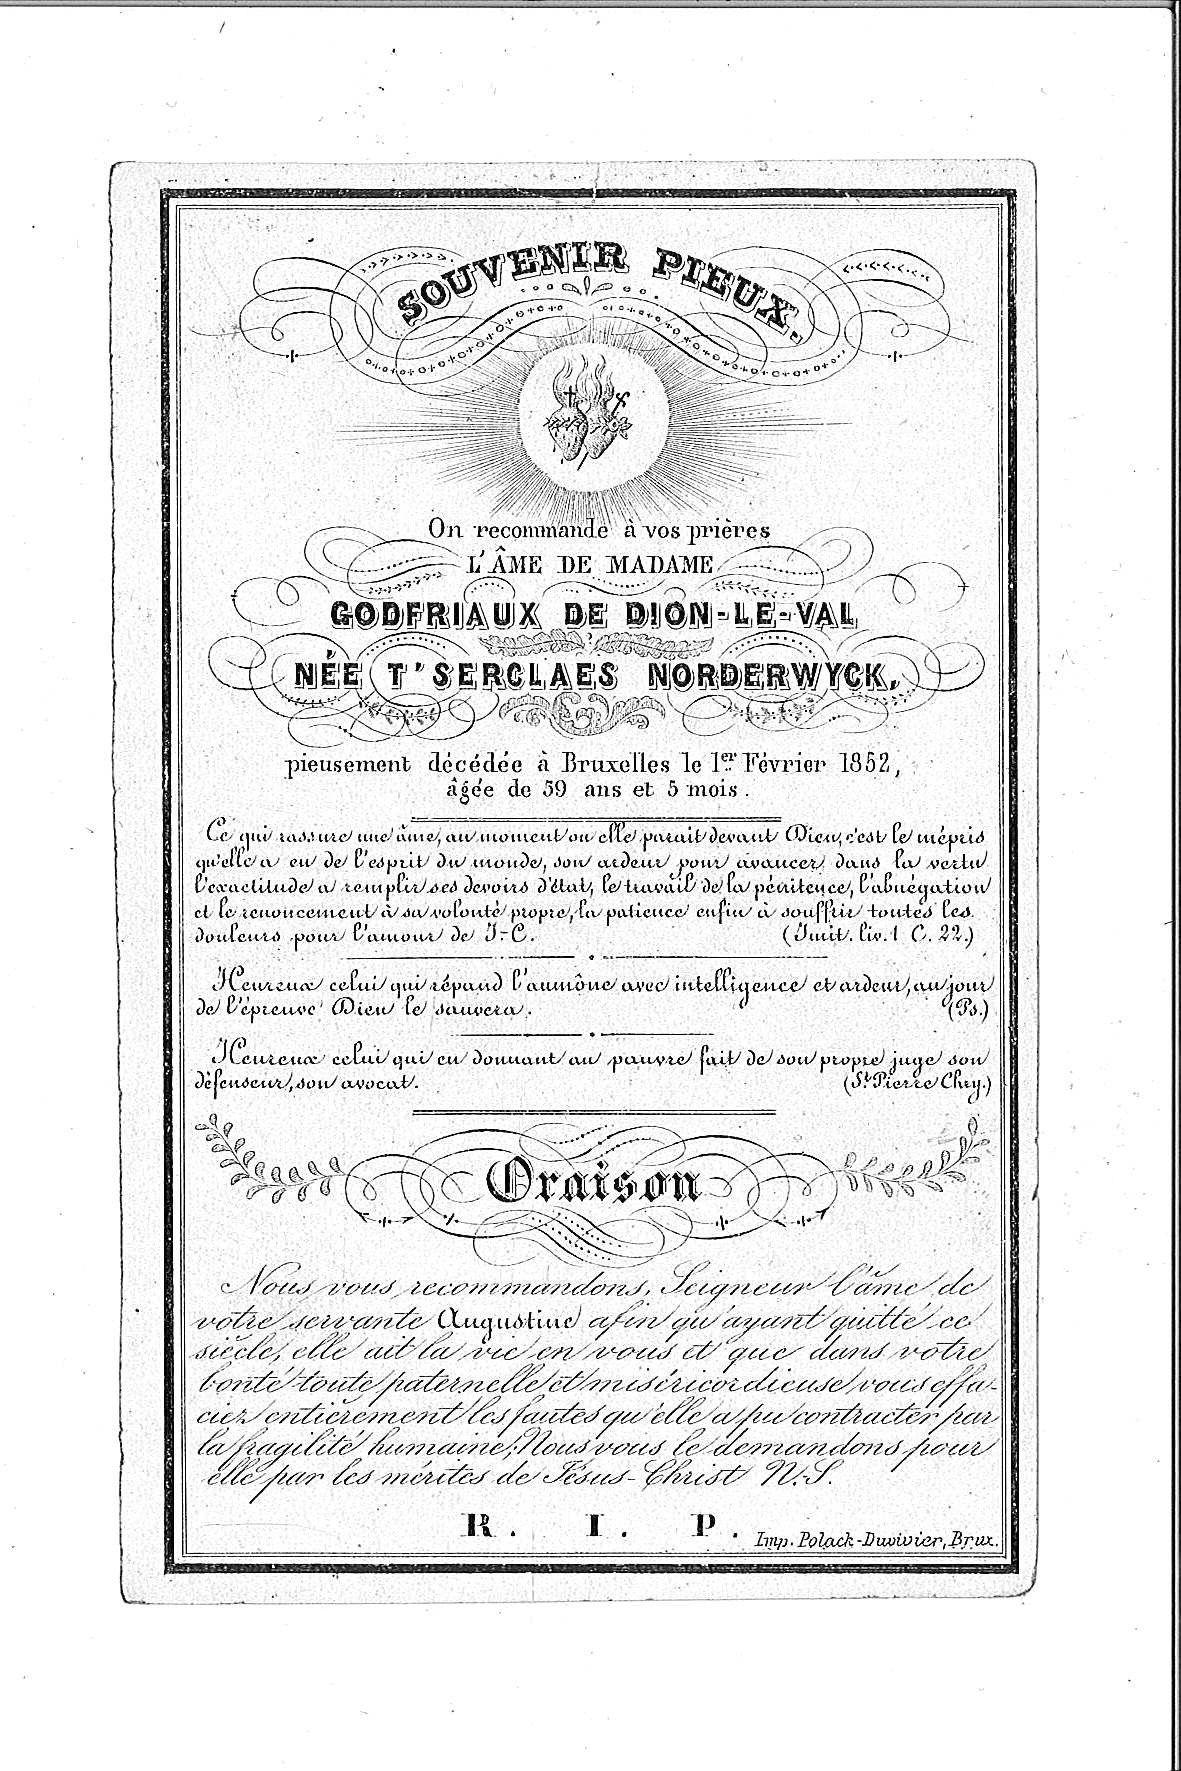 Augustine-Thérèse-Nicole(1852)20141007083127_00178.jpg